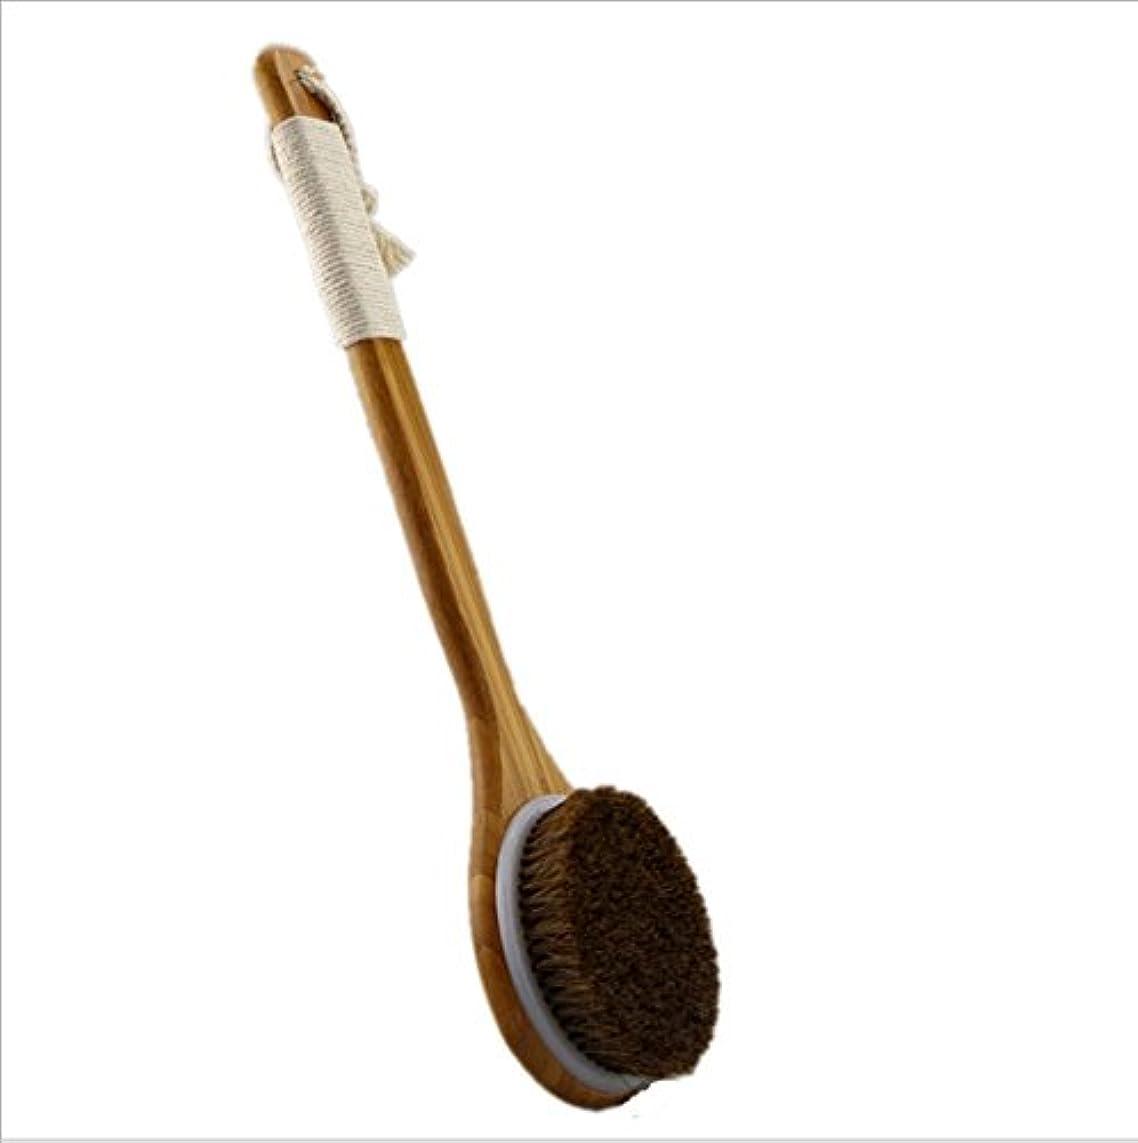 失速近代化する二Bigmind 100%天然高級な馬毛ボディブラシ あかすり 竹製長柄 体洗い/背中ブラシ お風呂